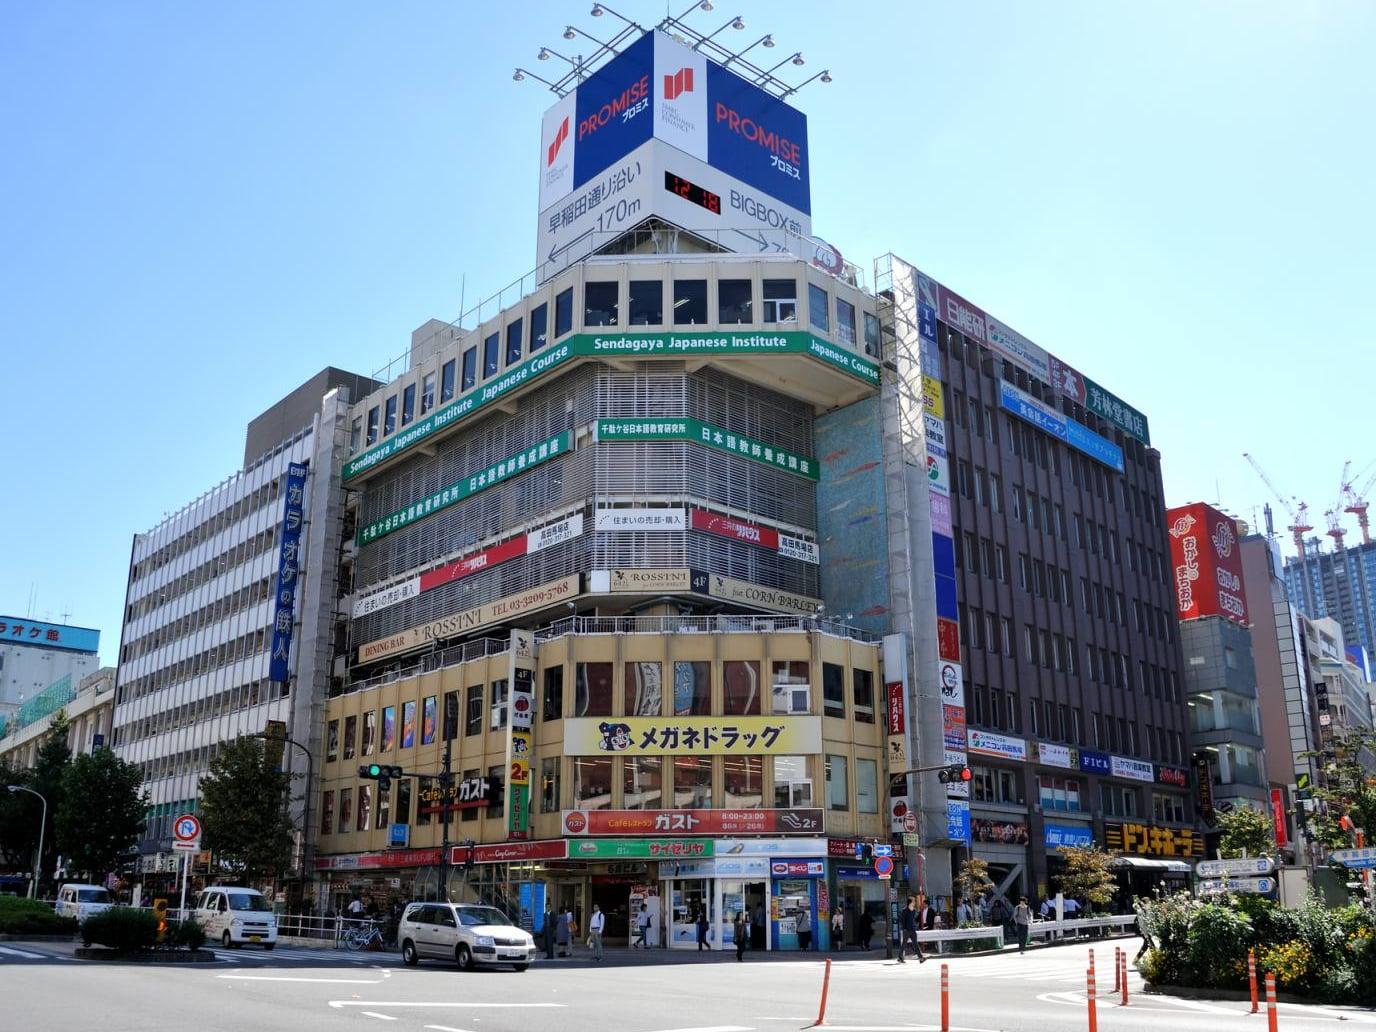 東京・高田馬場周辺のおすすめホテル|拠点にできたら嬉しい雰囲気の良い街